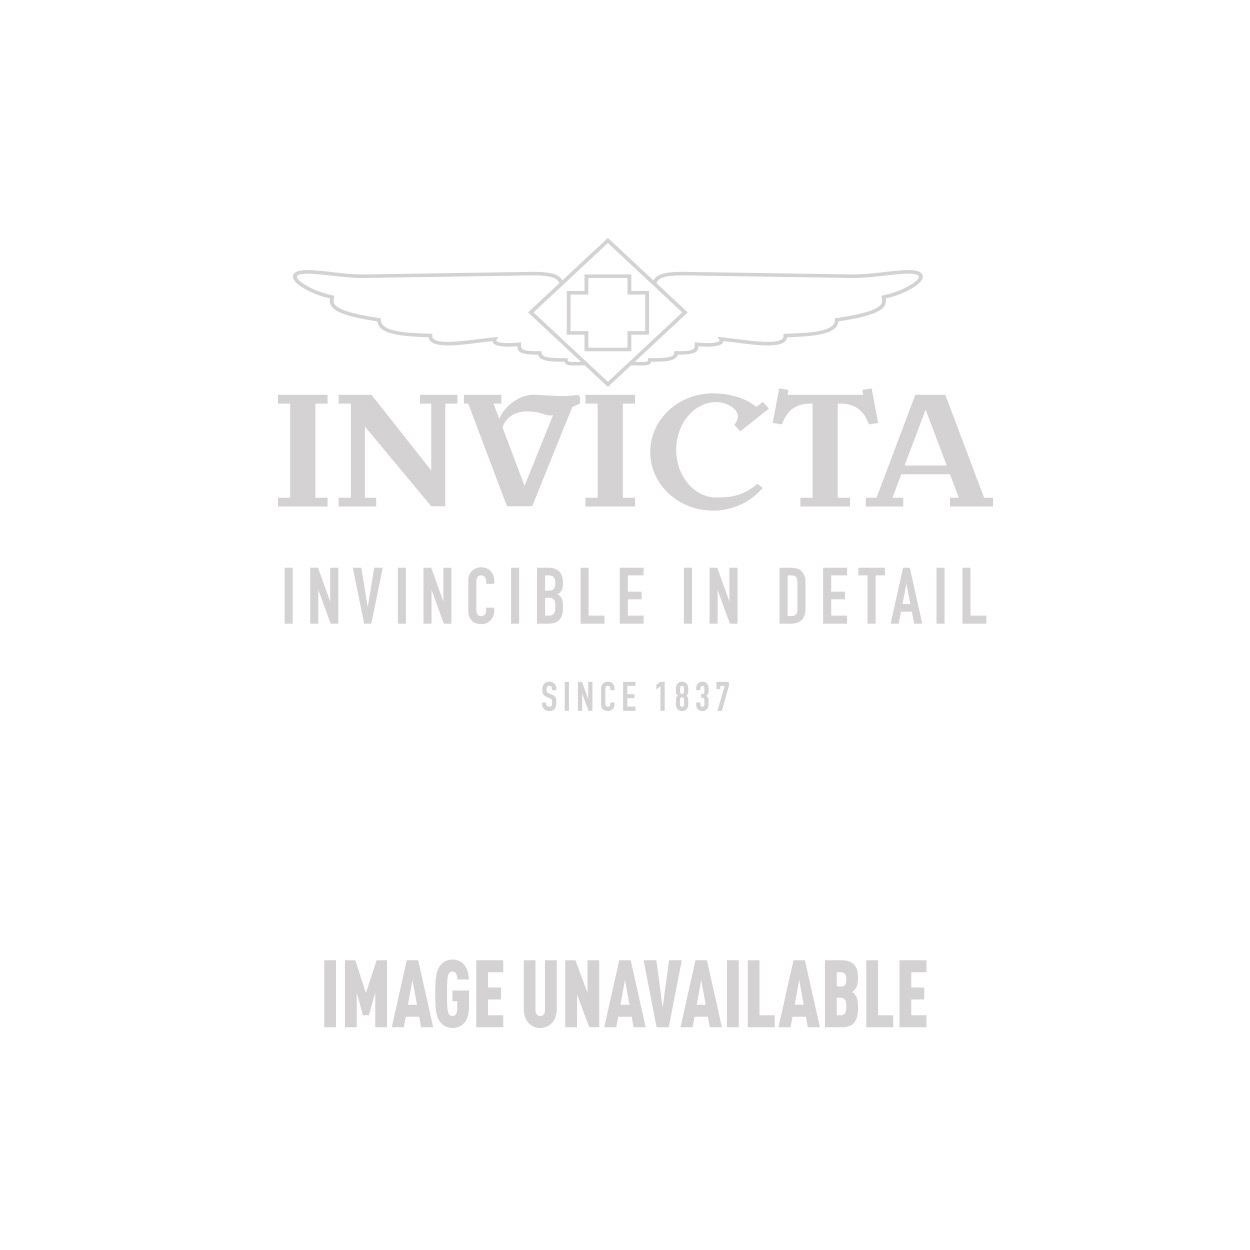 INVICTA Jewelry Incanto Earrings None 6 Silver 925 and Ceramic Rhodium+White - Model J0067